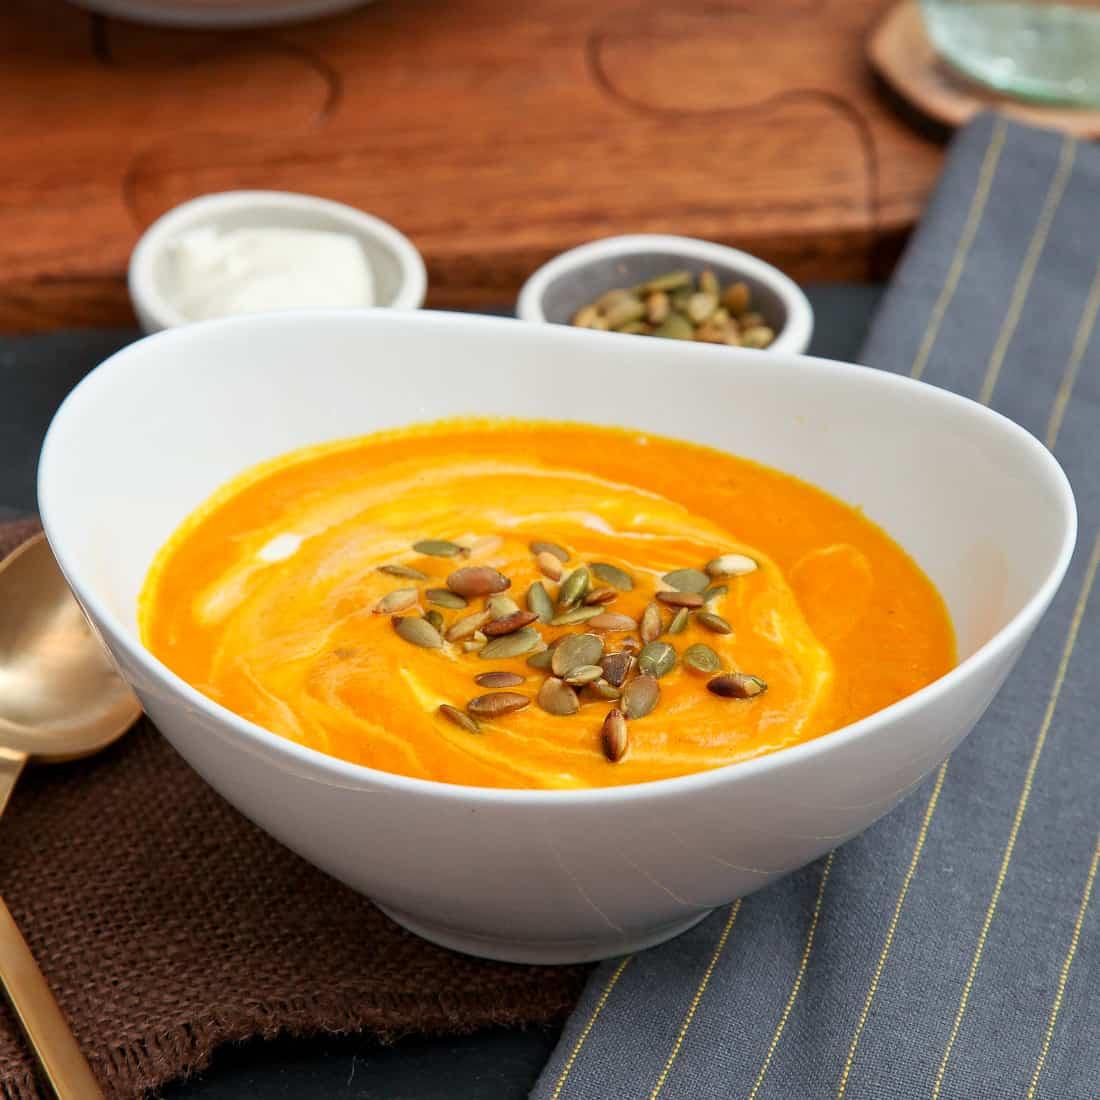 My Nearest Soup Kitchen